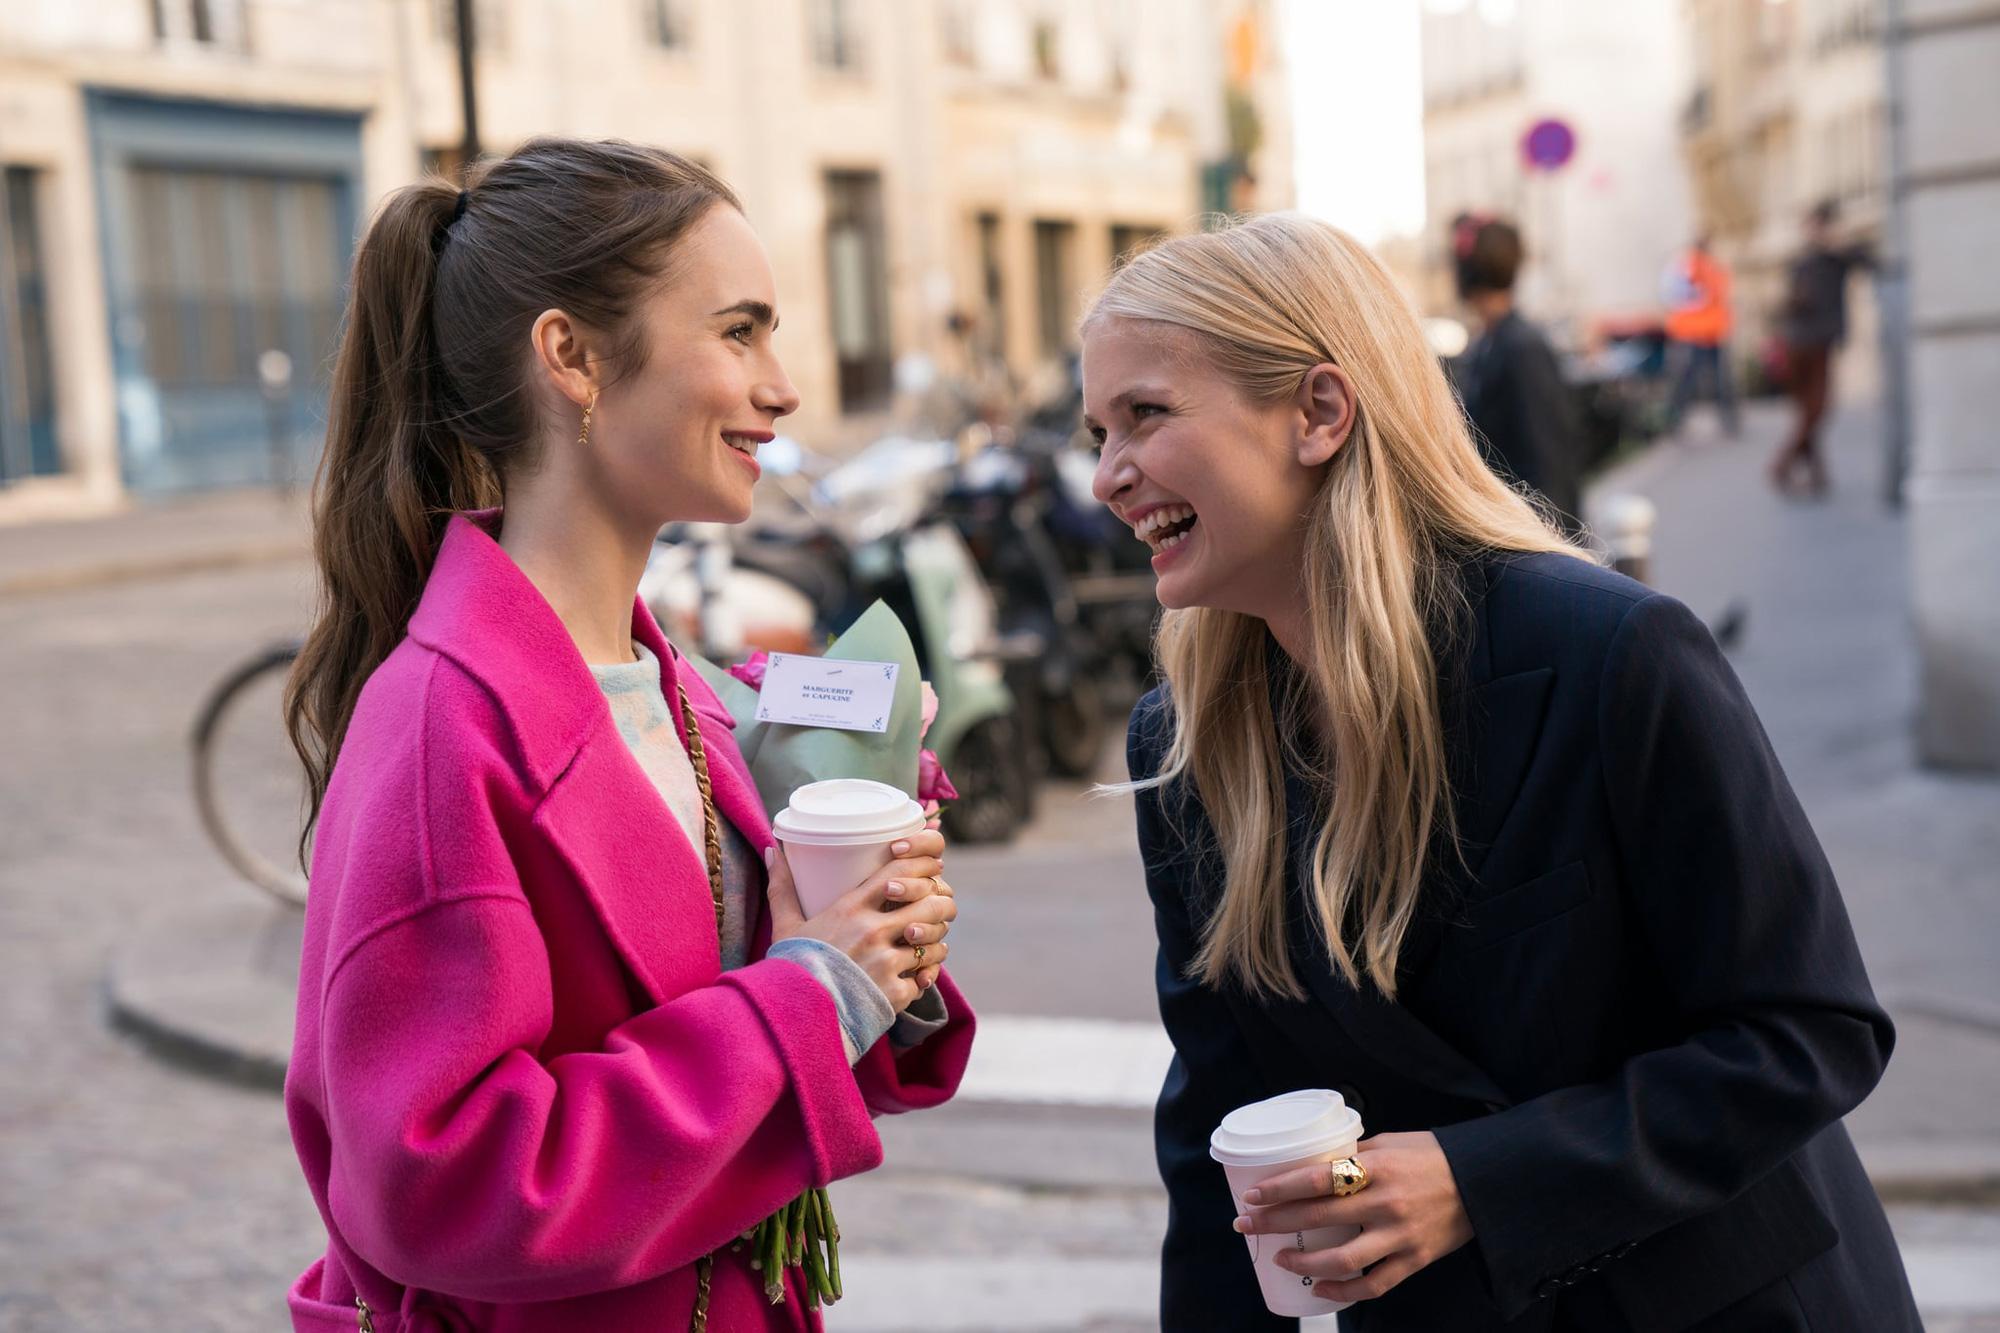 Đừng chỉ khen nữ chính, nữ phụ của Emily Ở Paris mới là quý cô chuẩn phong cách Pháp thanh lịch trong phim lẫn ngoài đời - Ảnh 4.